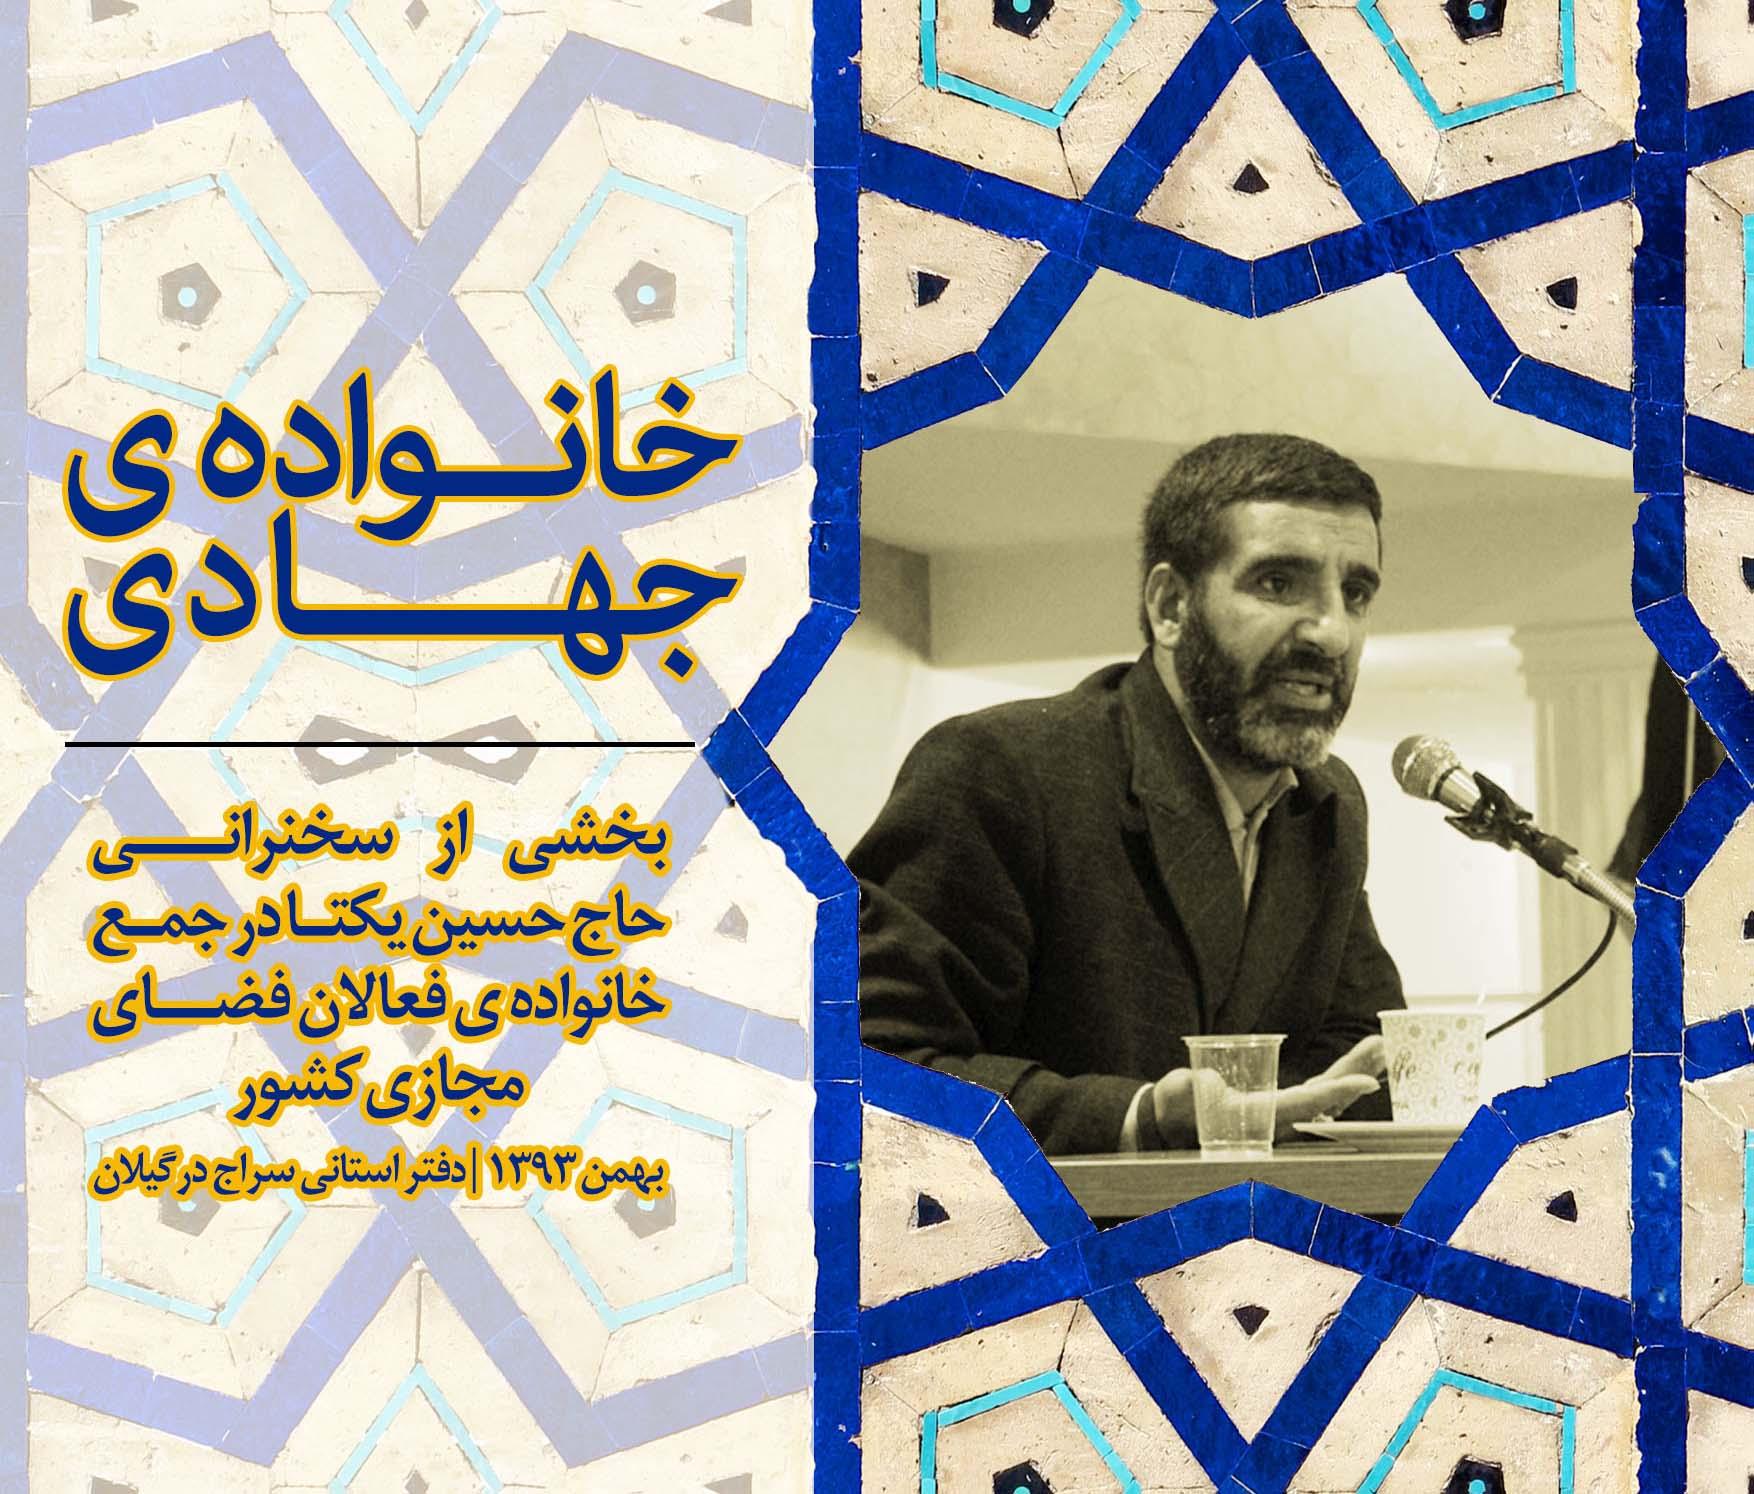 نشریه خانواده جهادی